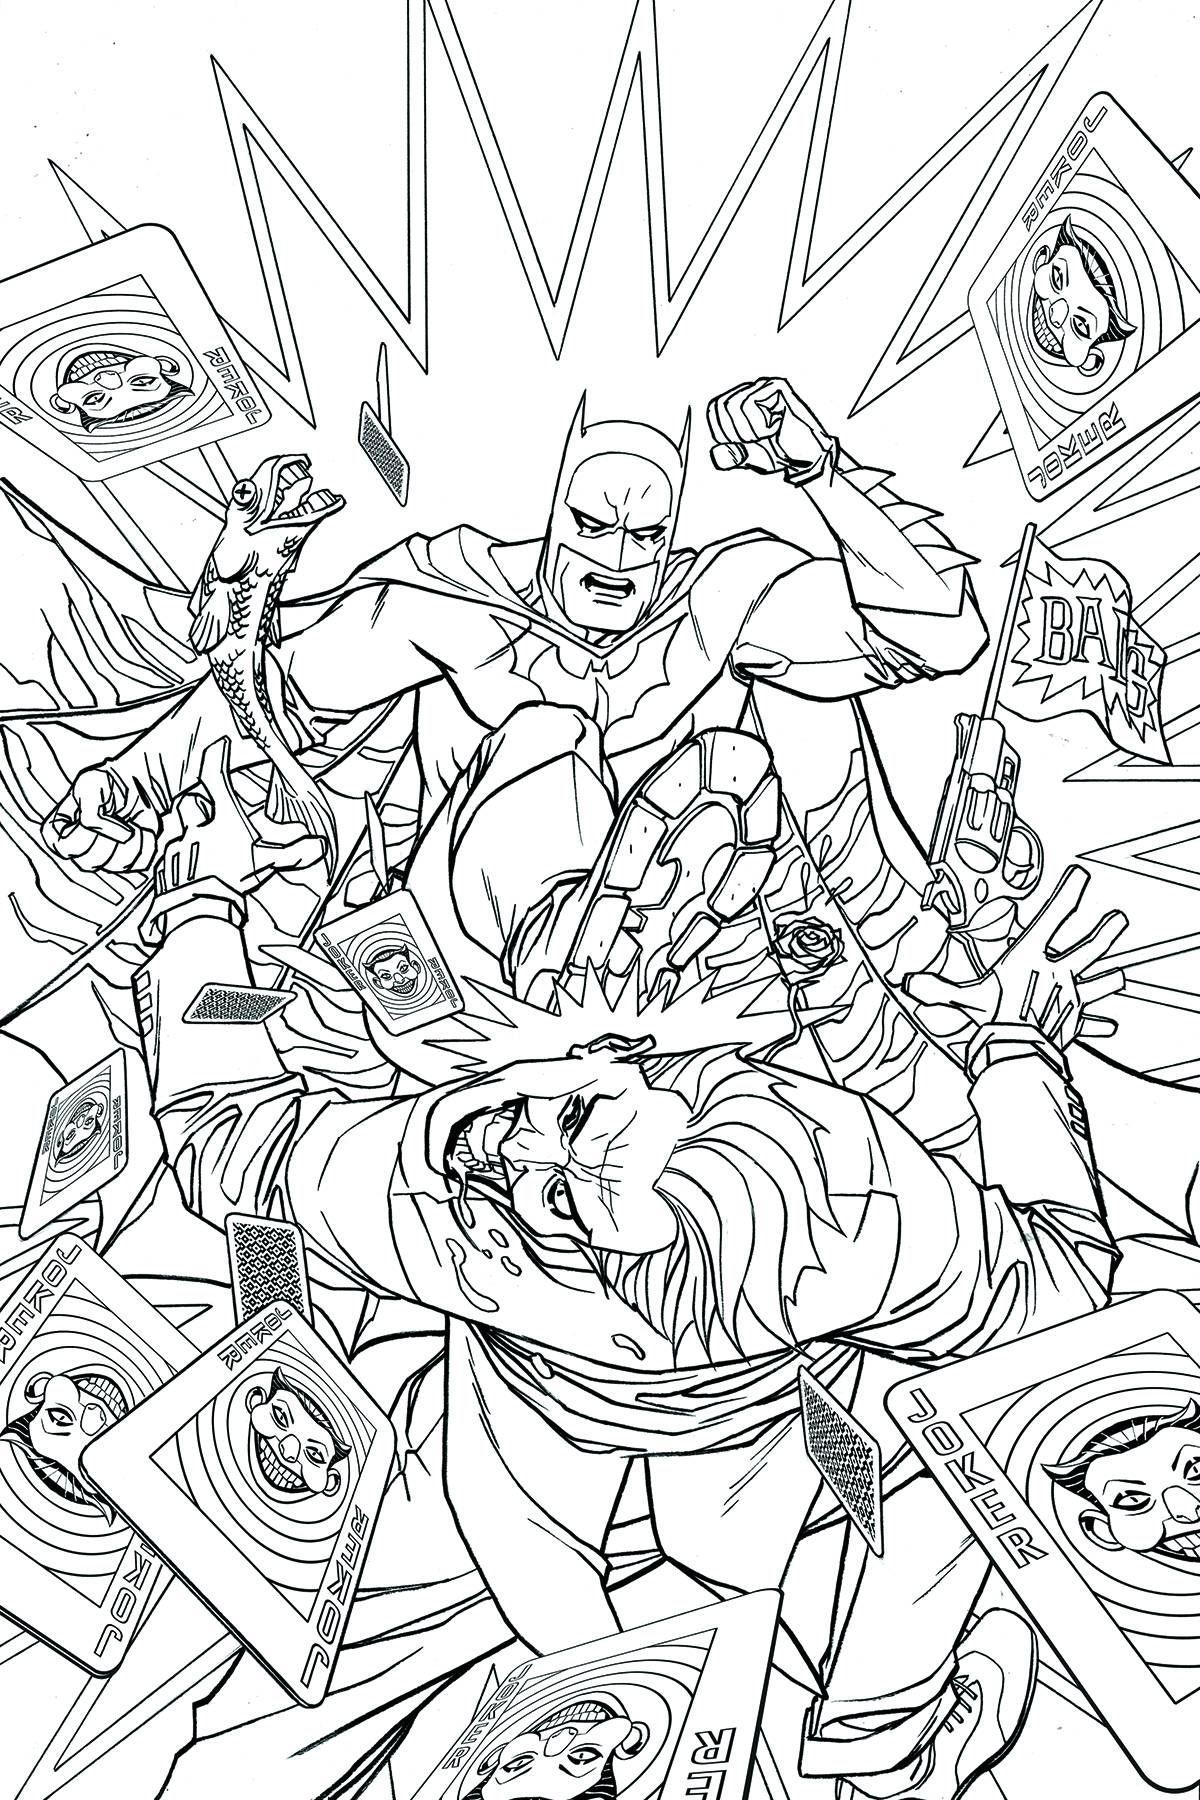 Batman #48 (Adult Coloring Book Variant Cover) Value | GoCollect.com ...